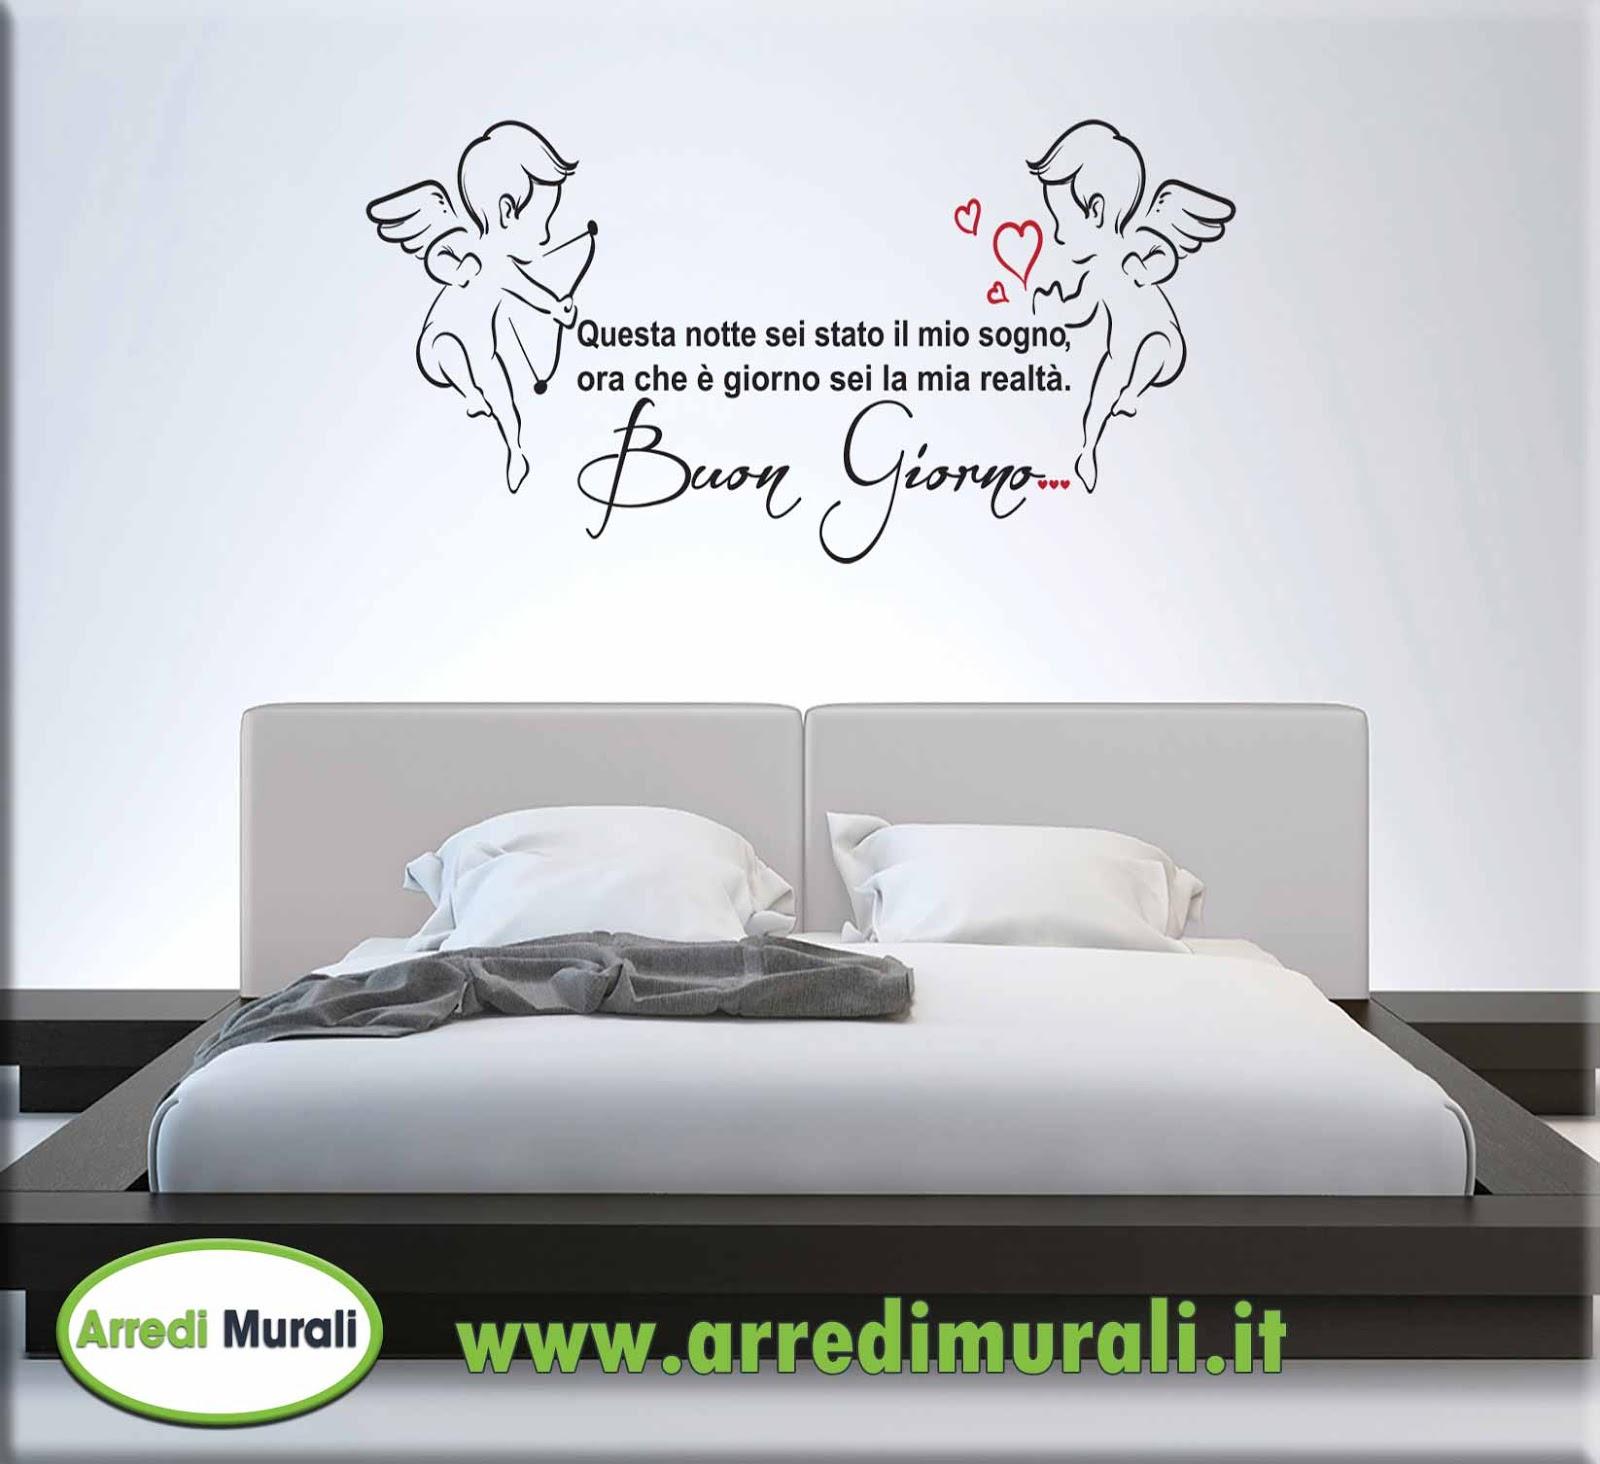 Impressioni e recensioni di una mamma qualunque adesivi murali camera da letto - Adesivi murali per camera da letto ...